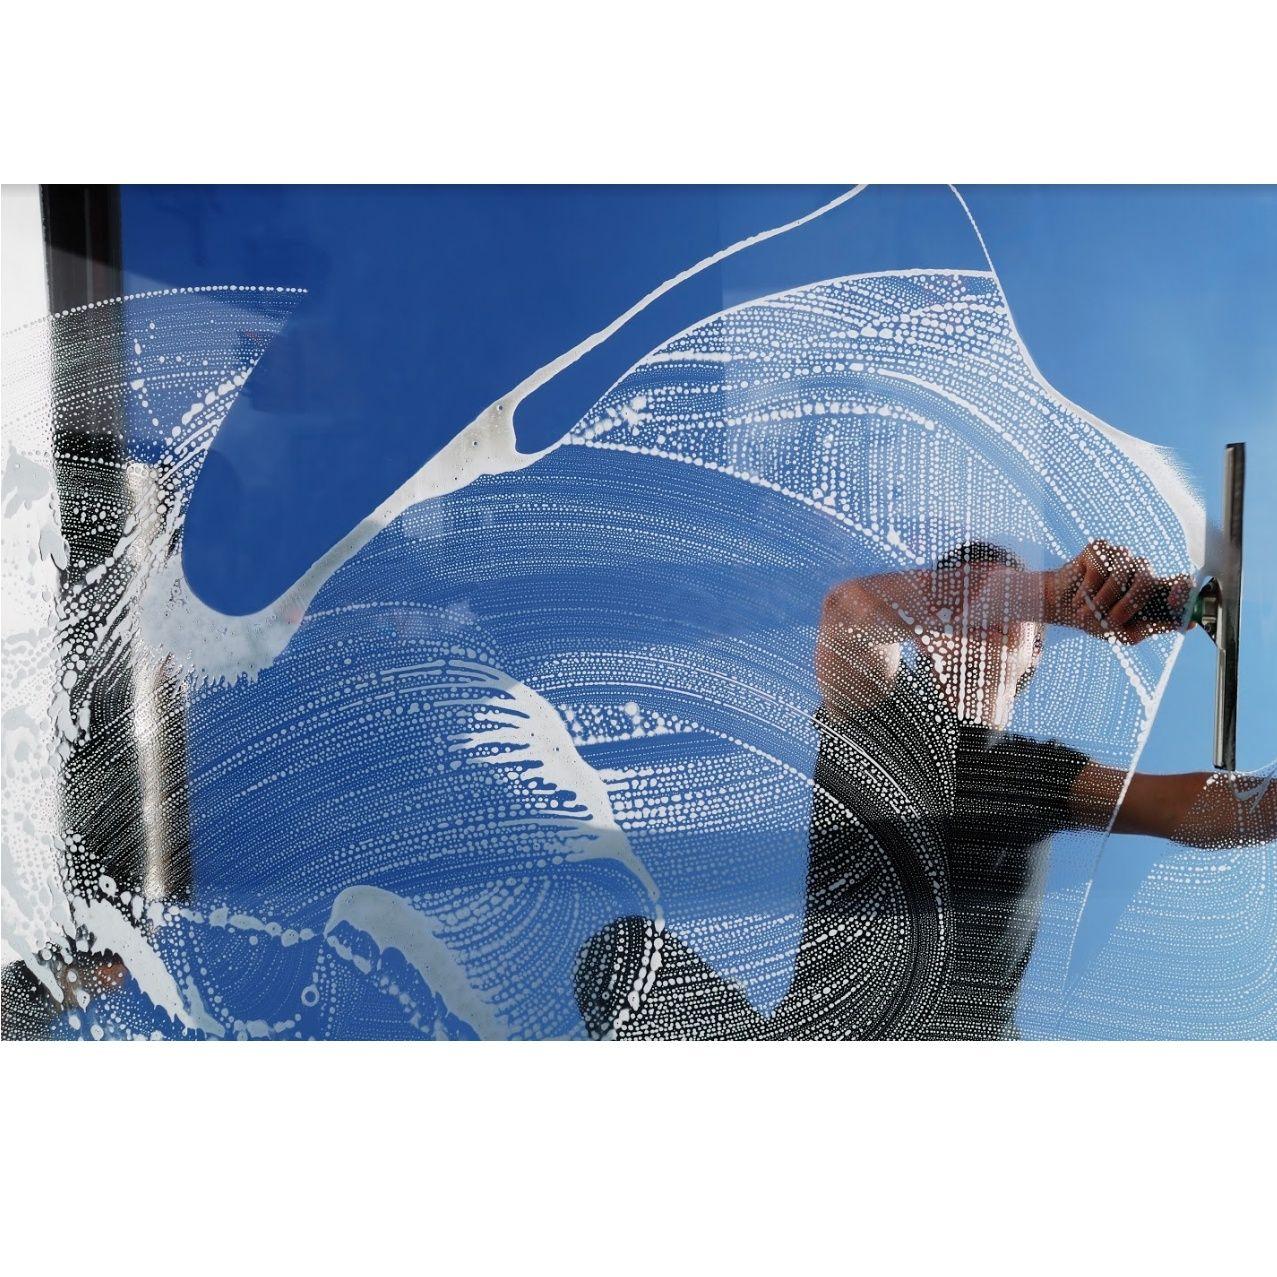 Servicio de limpiacristales: Servicios de Netes